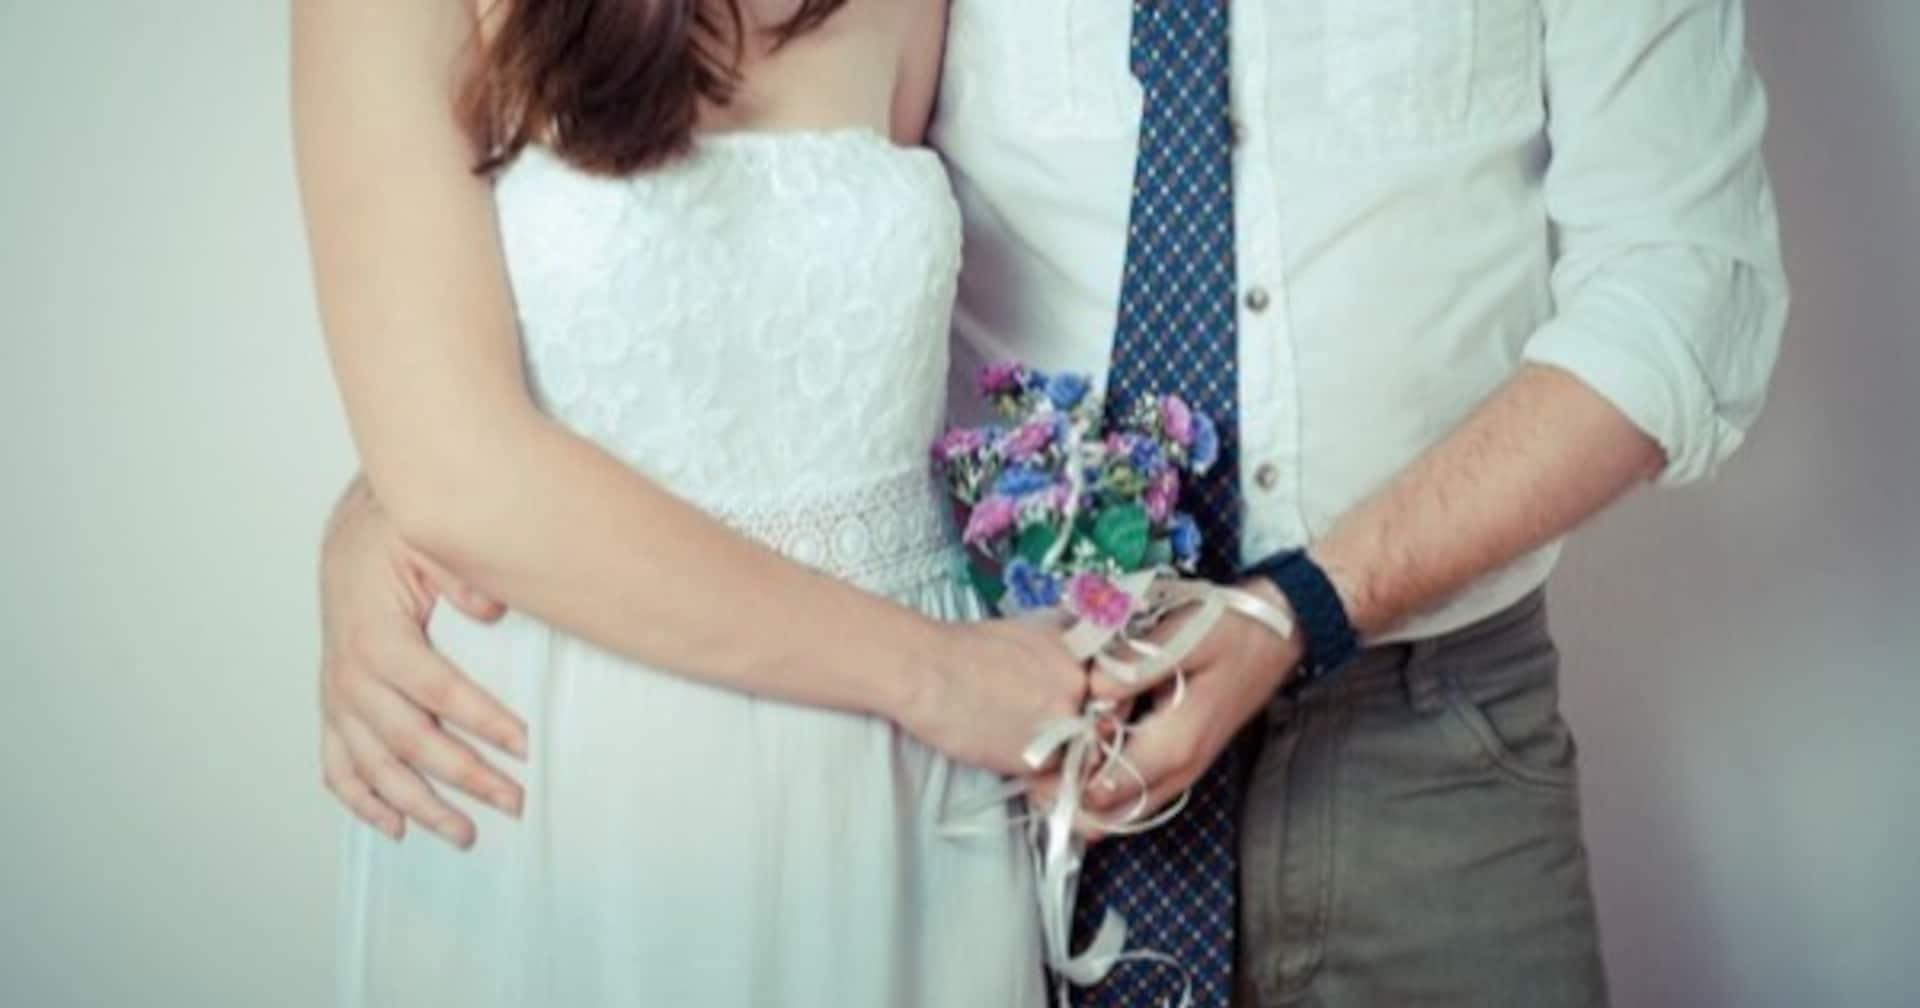 【ガンダム】アムロはキシリア様と離婚後、ミハルと再婚していた!? ガンダム声優トリビアまとめ